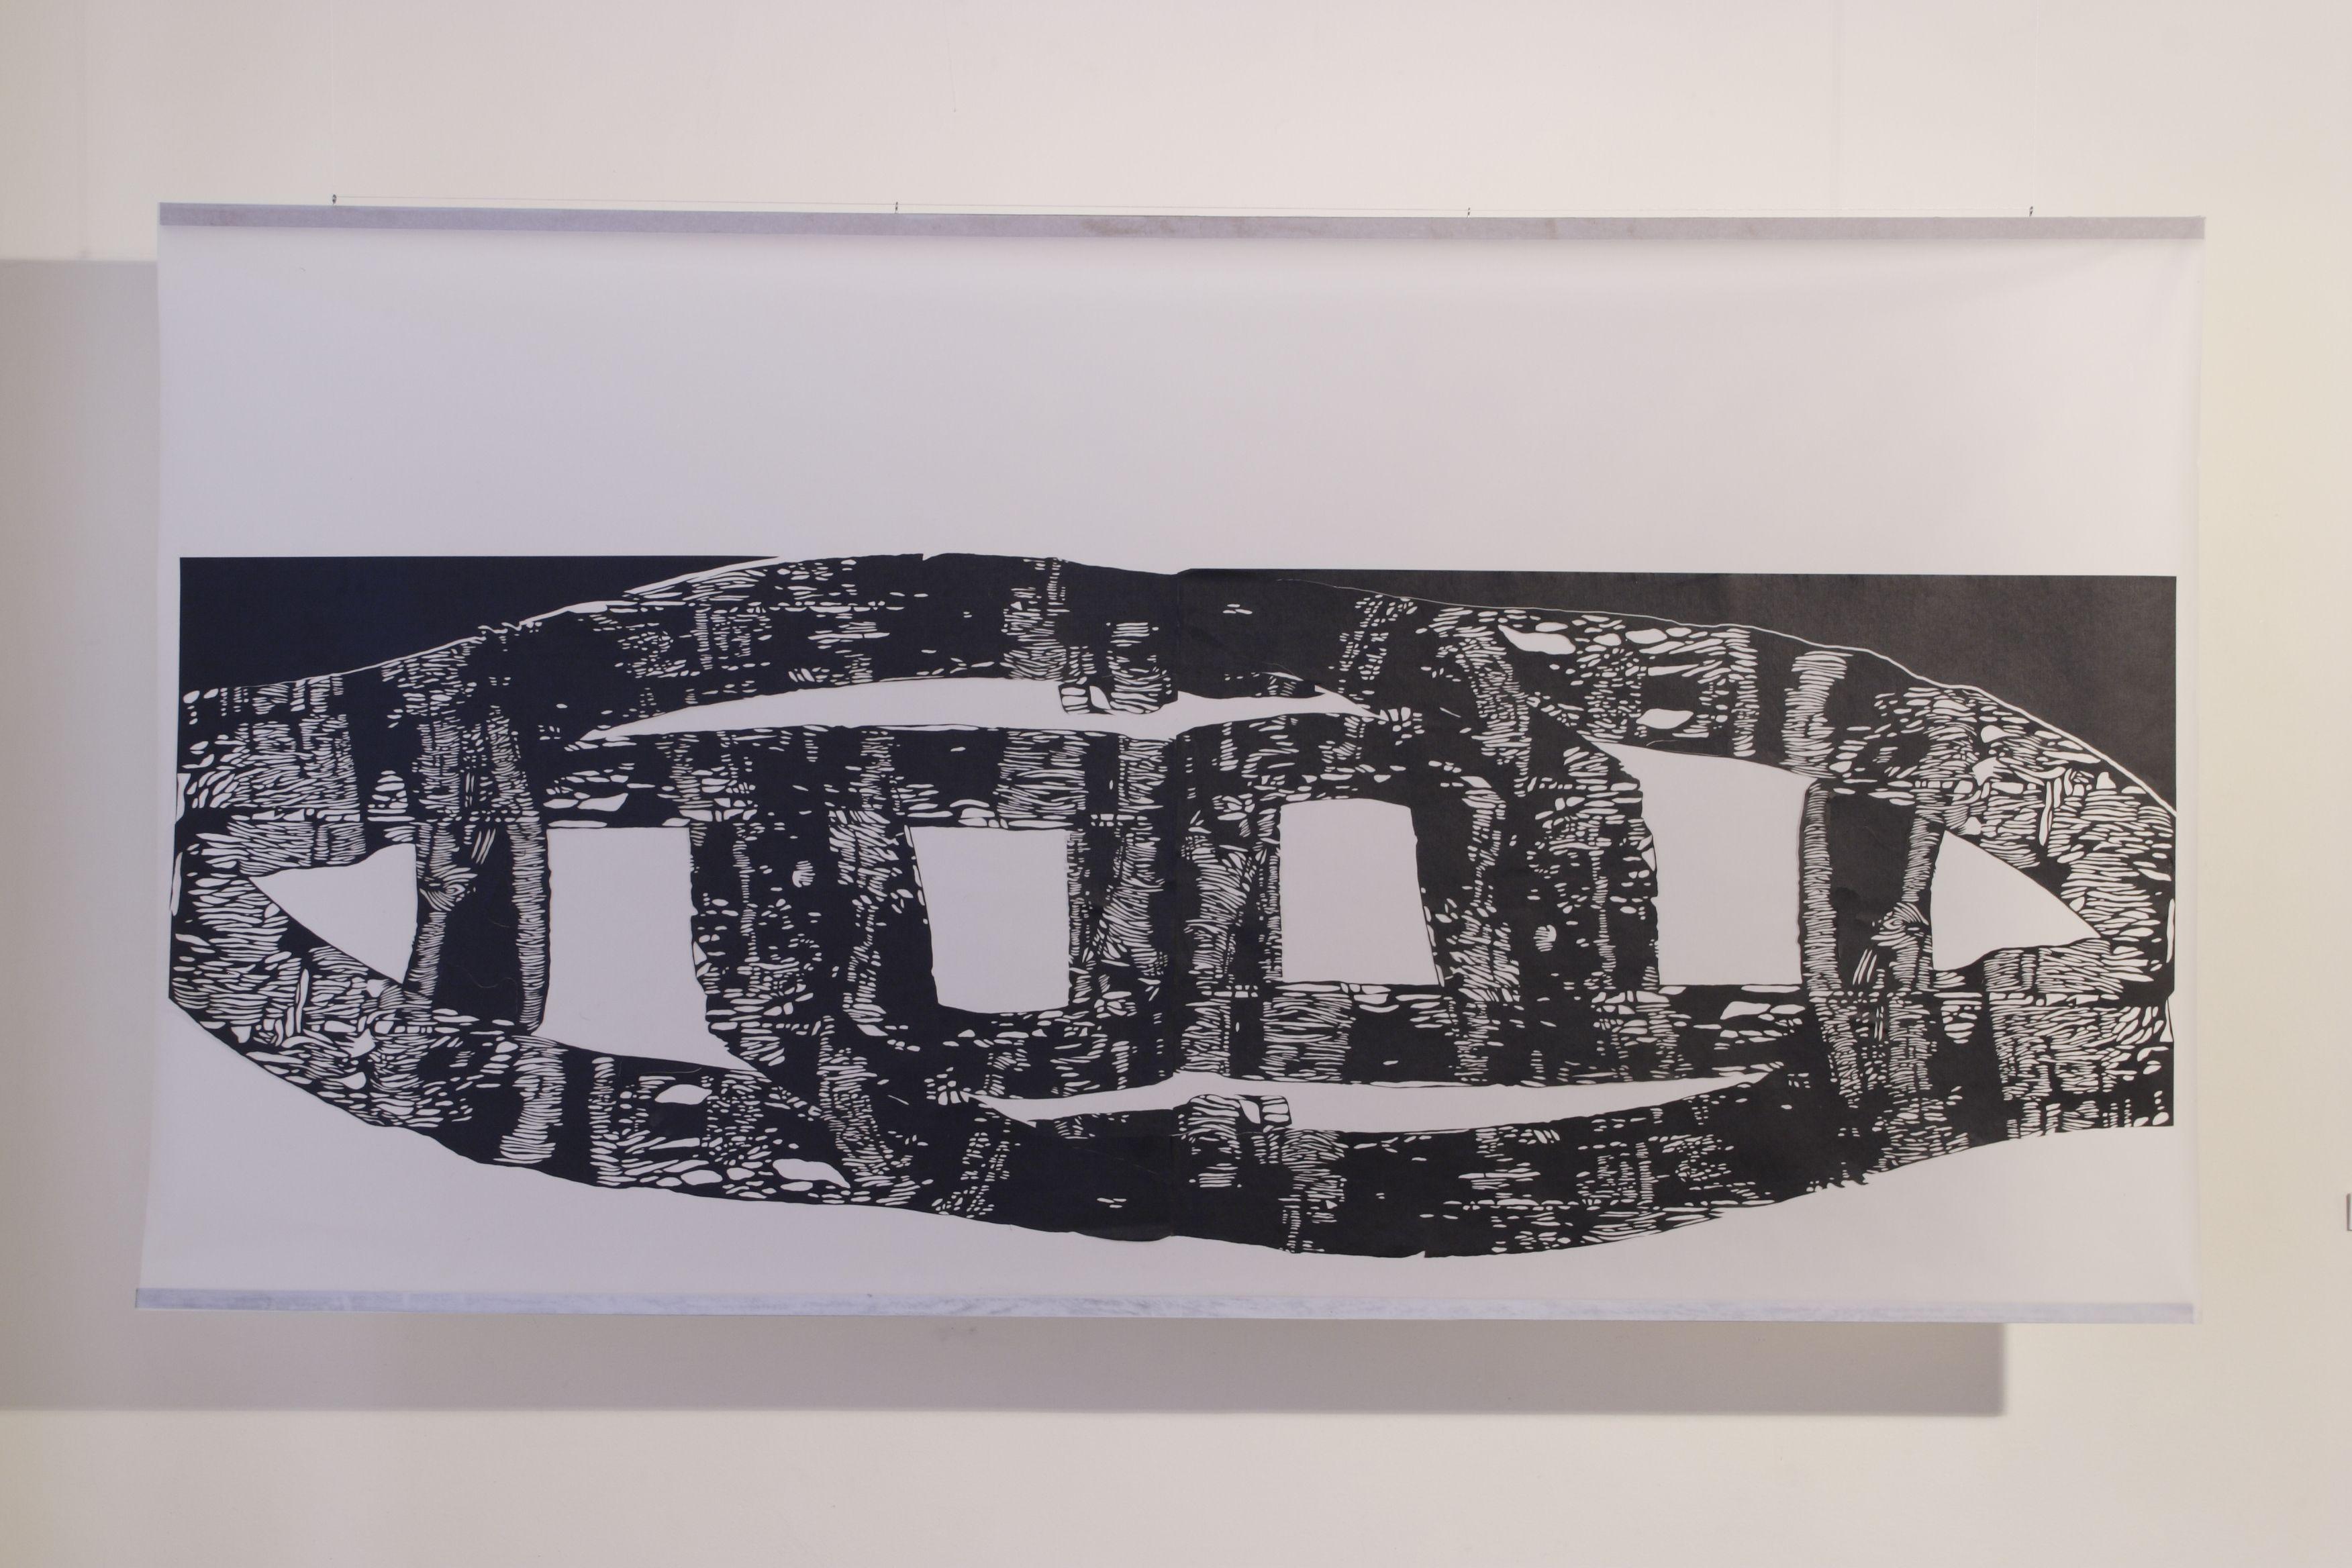 Олена Турянська. Ріка, 2005; папір, витинання, калька, 210х70